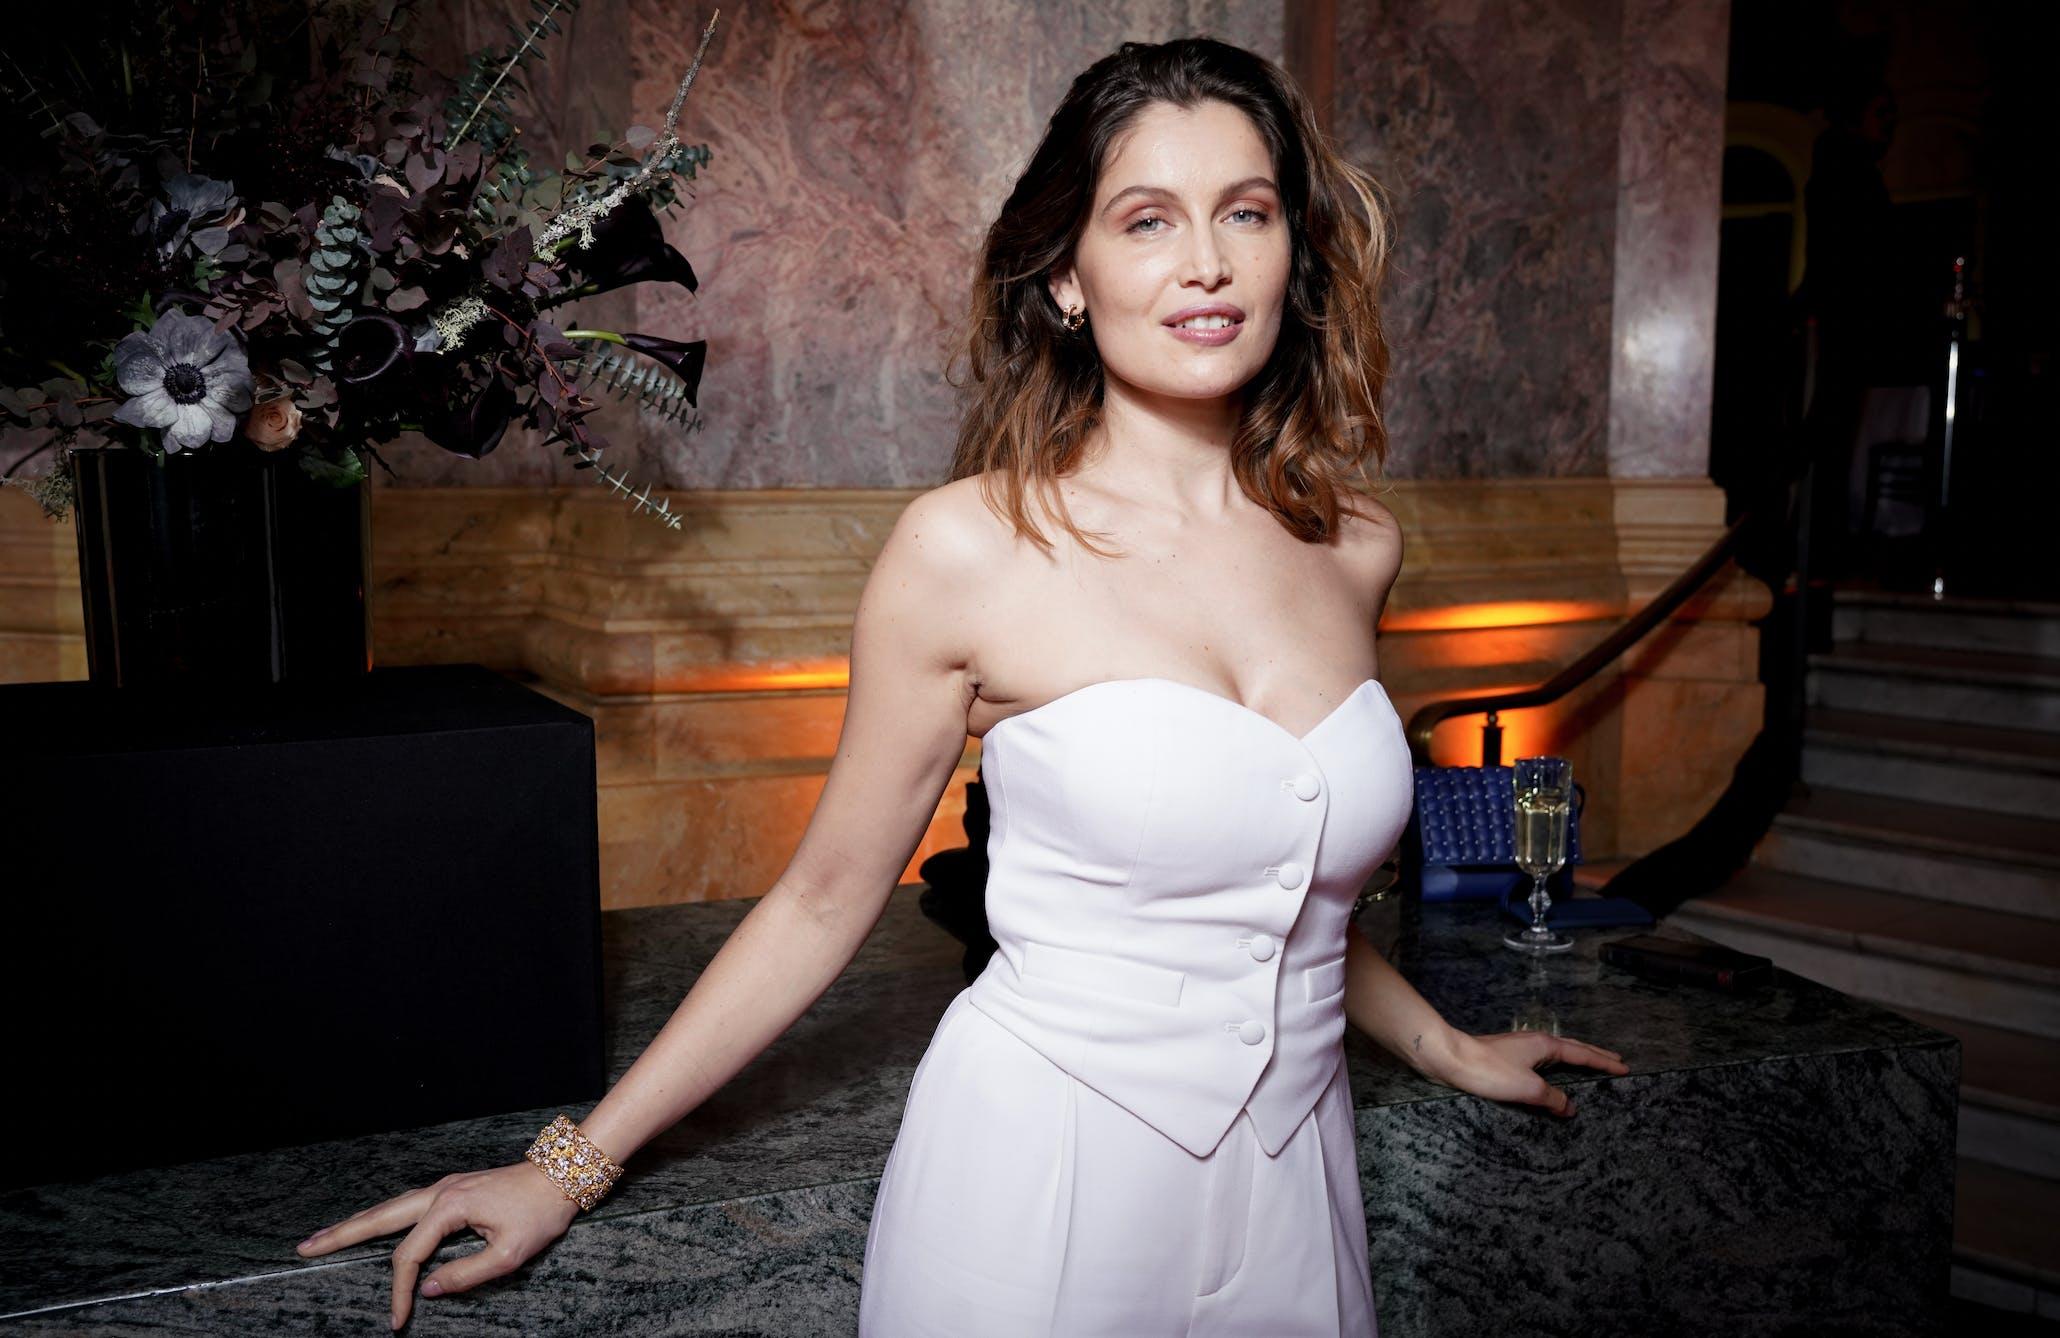 Model und Schauspielerin Laetitia Casta besucht das Locarno Film Festival, sie erhält den Exellence Award für ihre Arbeit in der Filmindustrie.